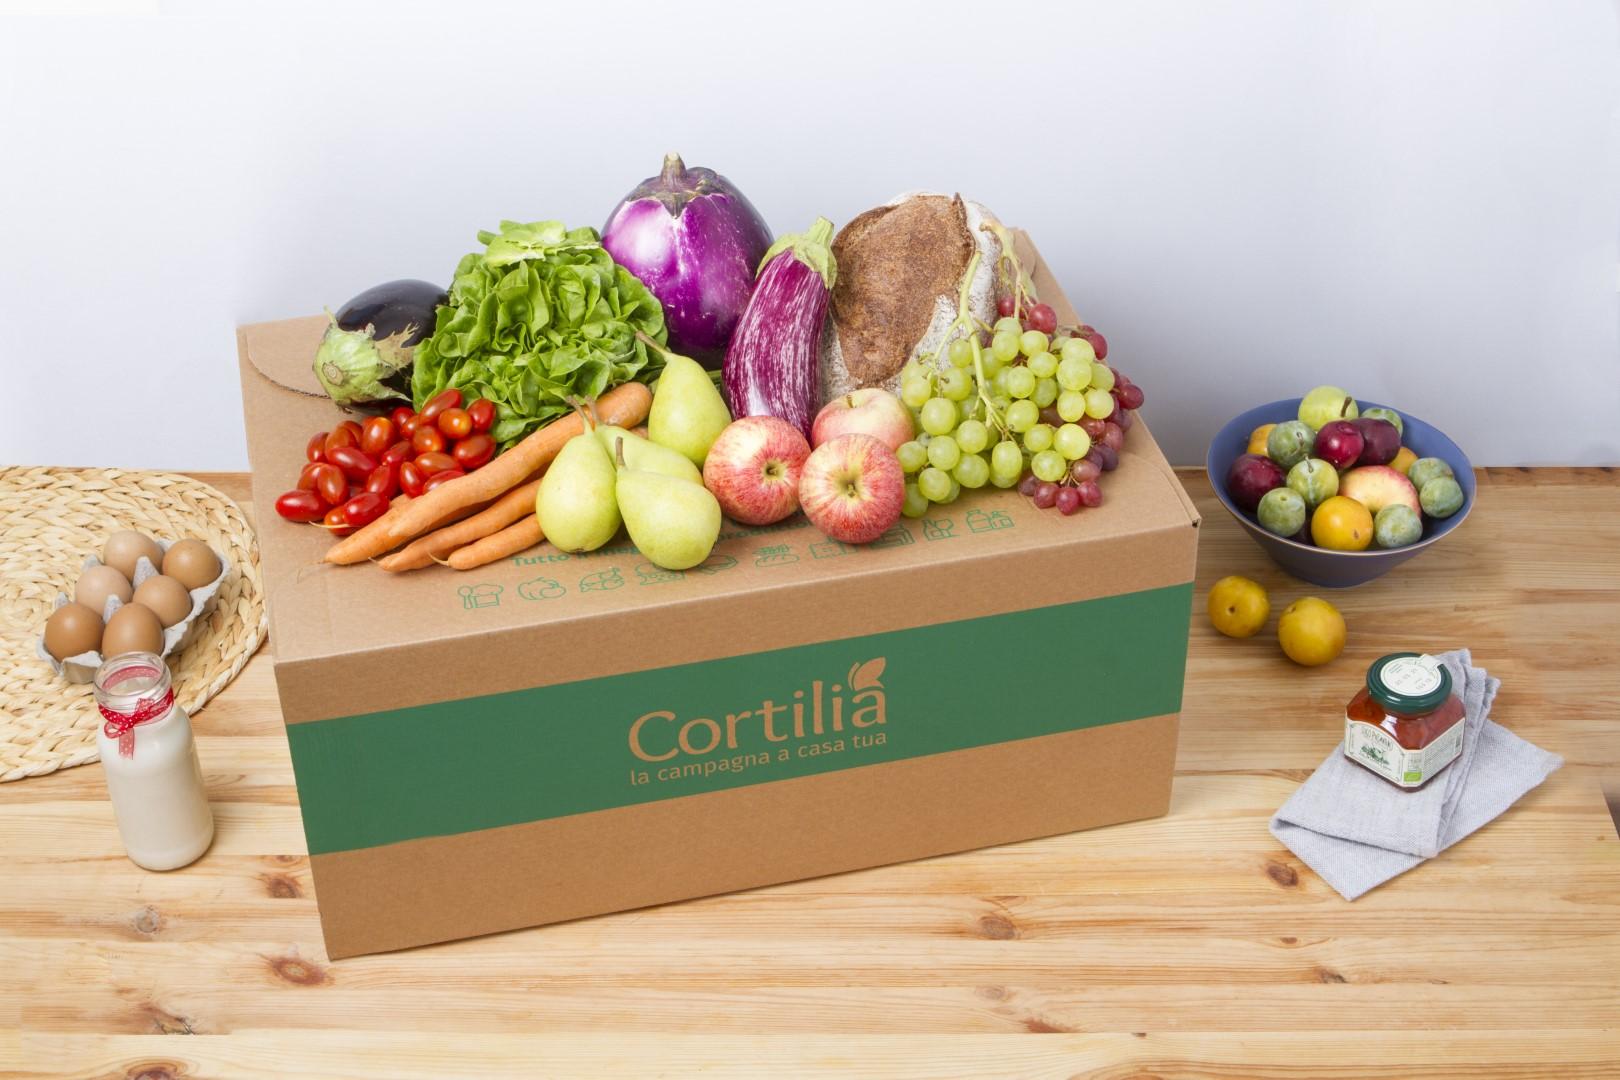 L'esempio di Cortilia per migliorare la CX e ridurre gli sprechi